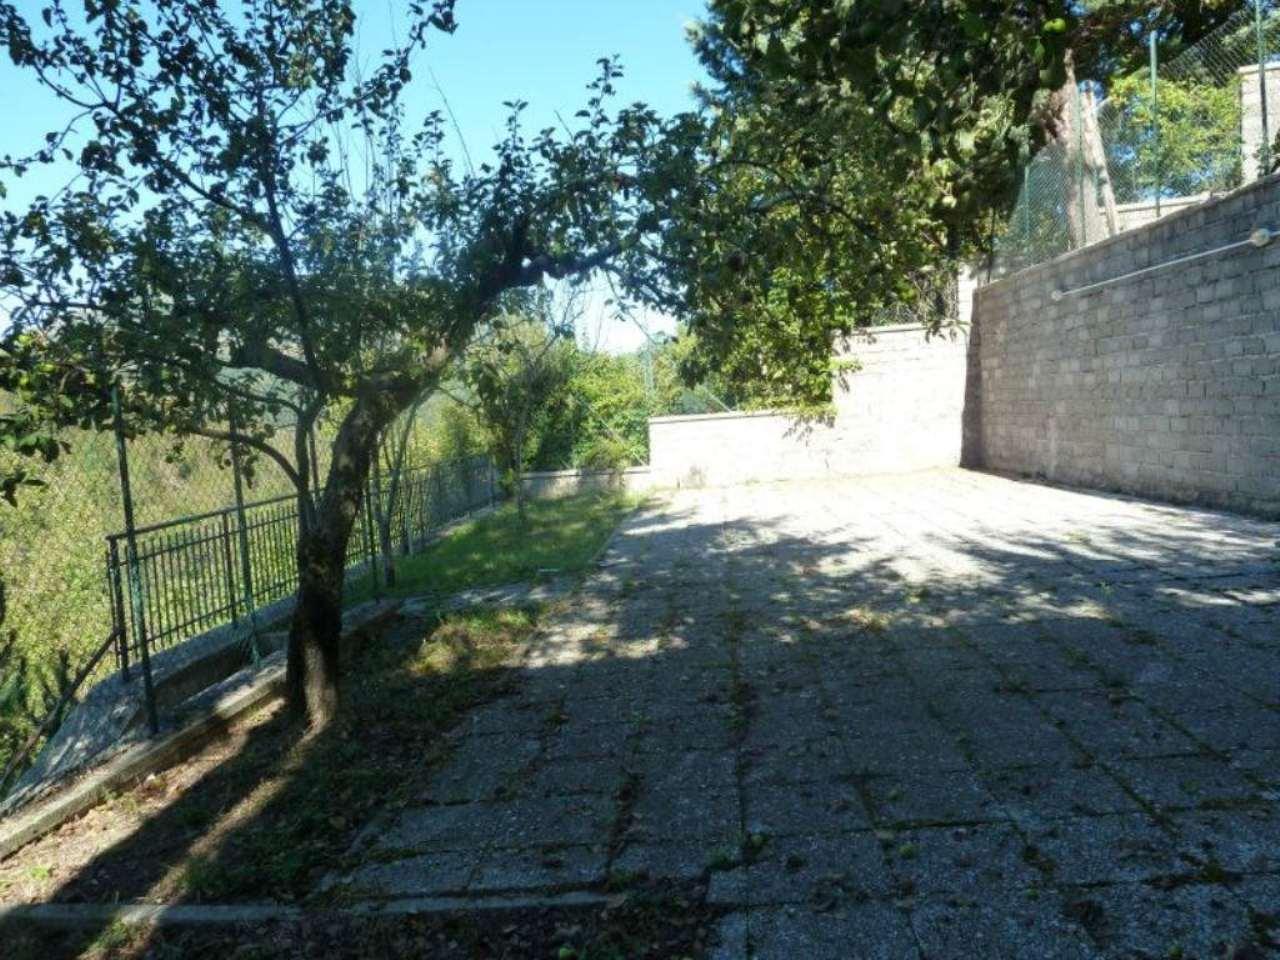 Soluzione Semindipendente in vendita a Nespolo, 7 locali, prezzo € 150.000 | Cambio Casa.it